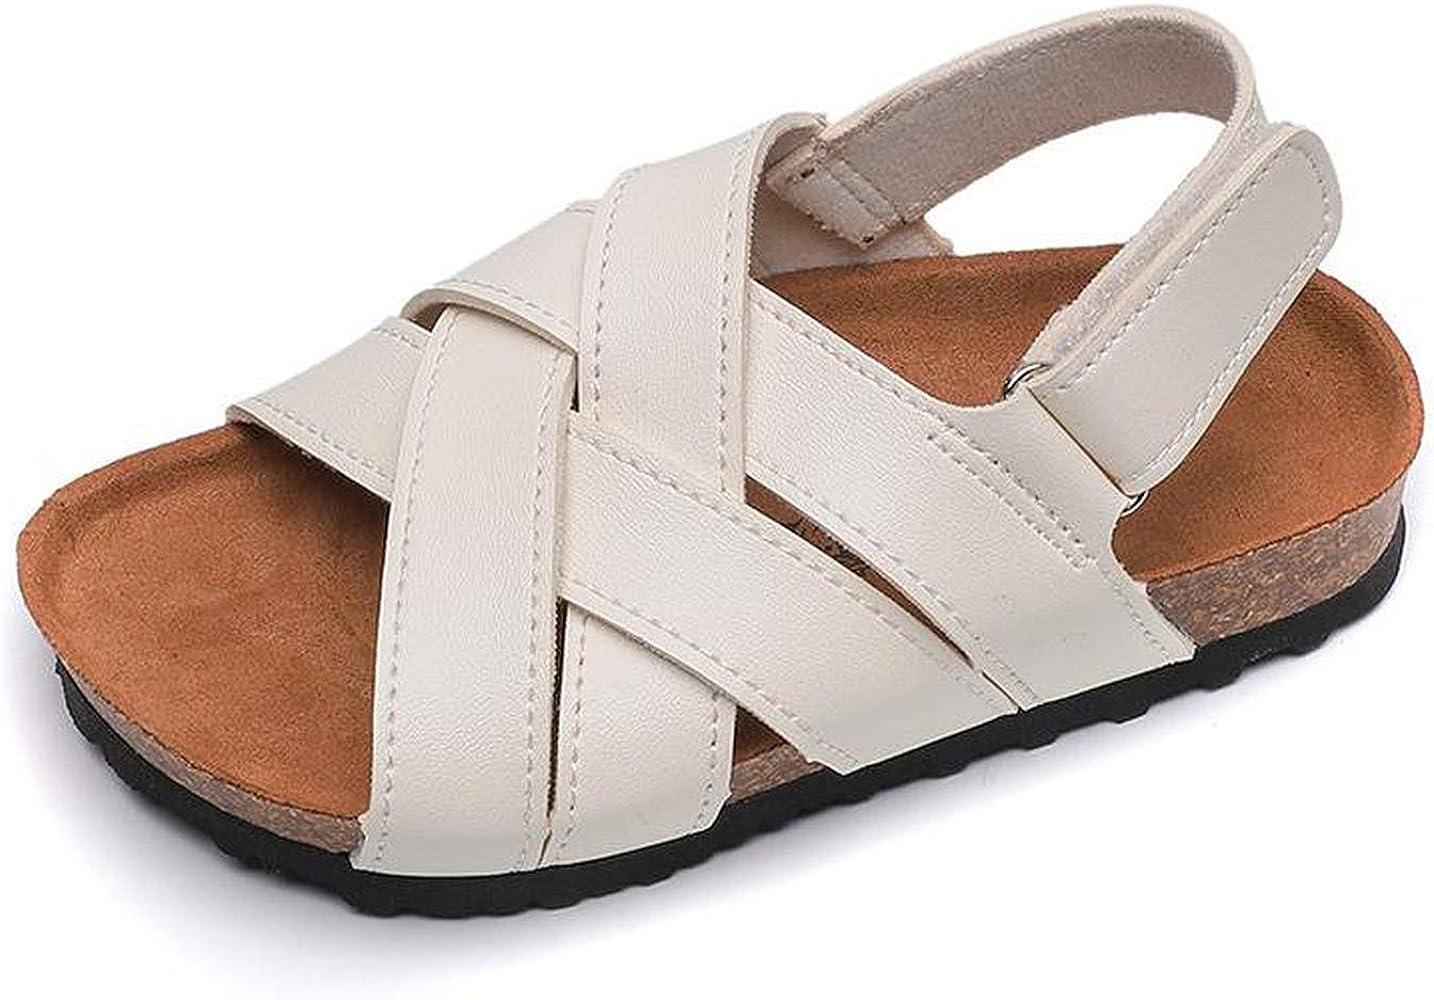 Children Cork Sandals Baby Girls Shoes